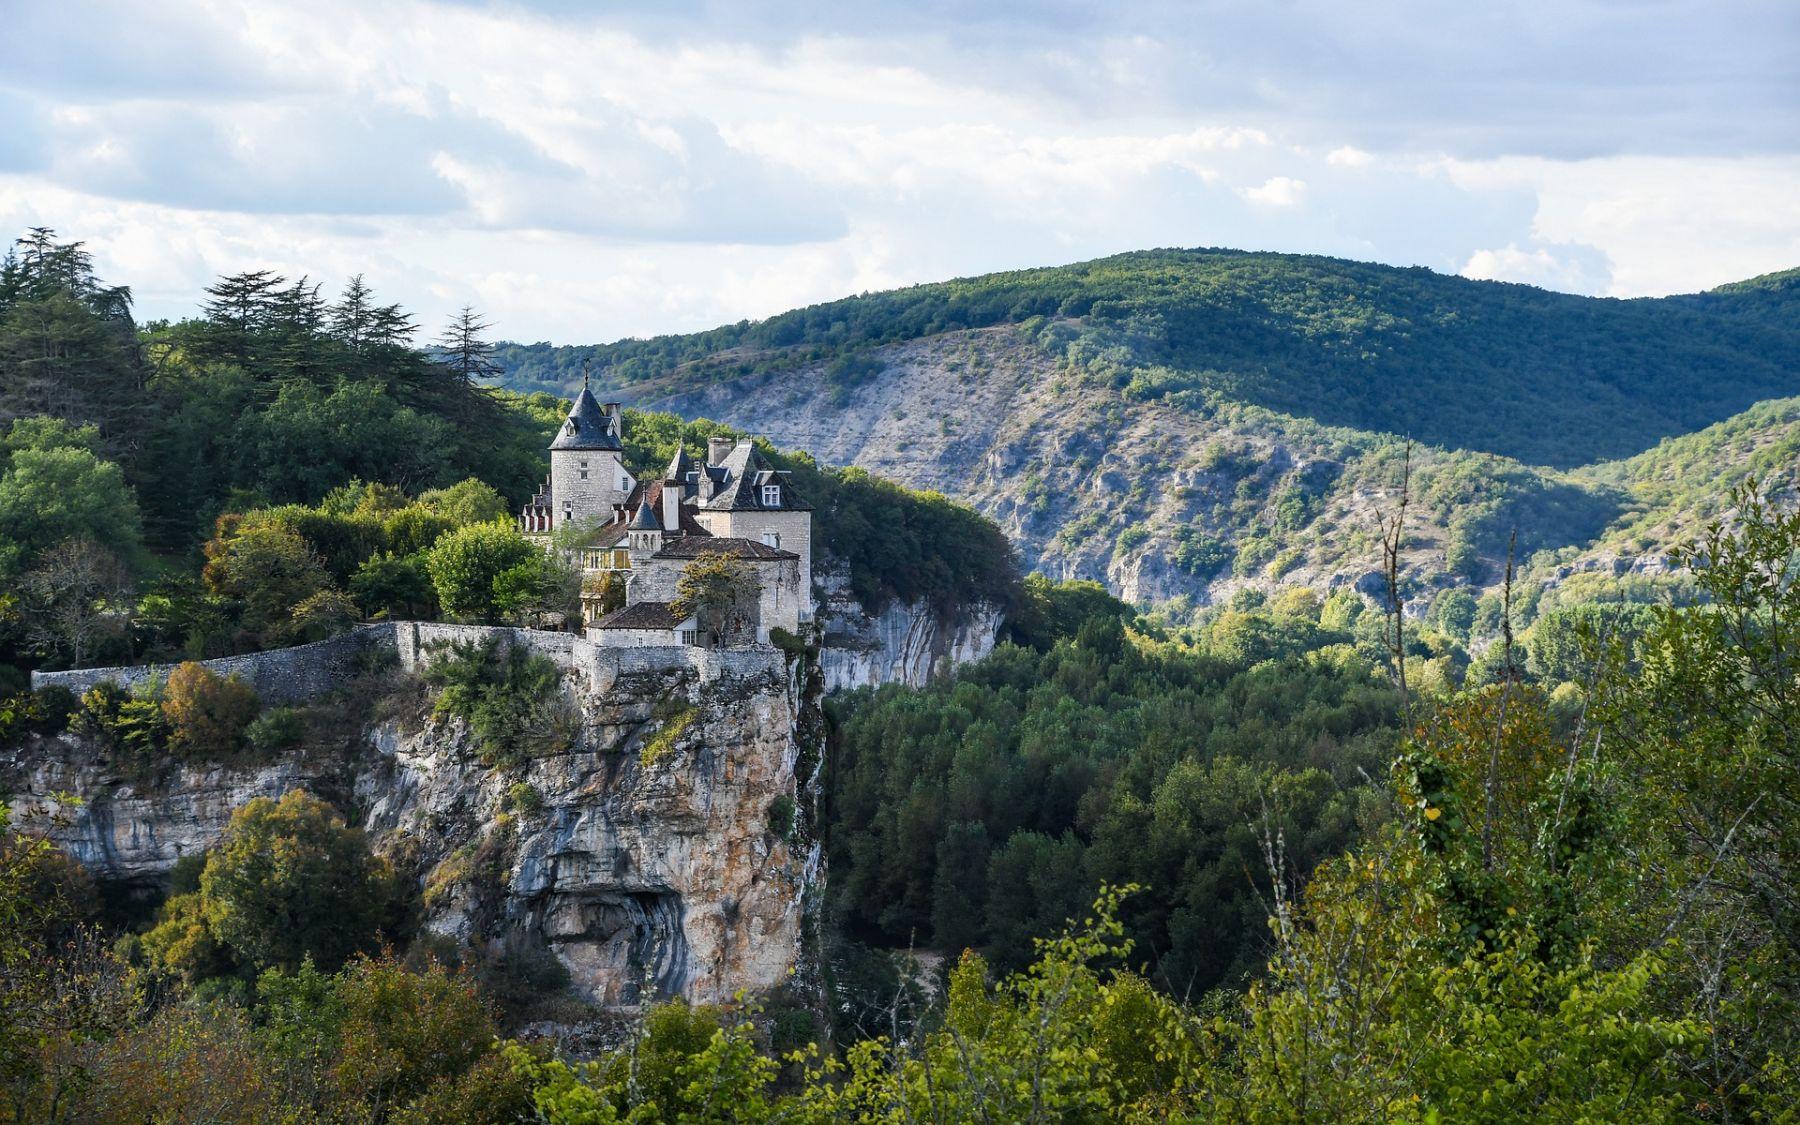 Golfreizen Dordogne - Monestier